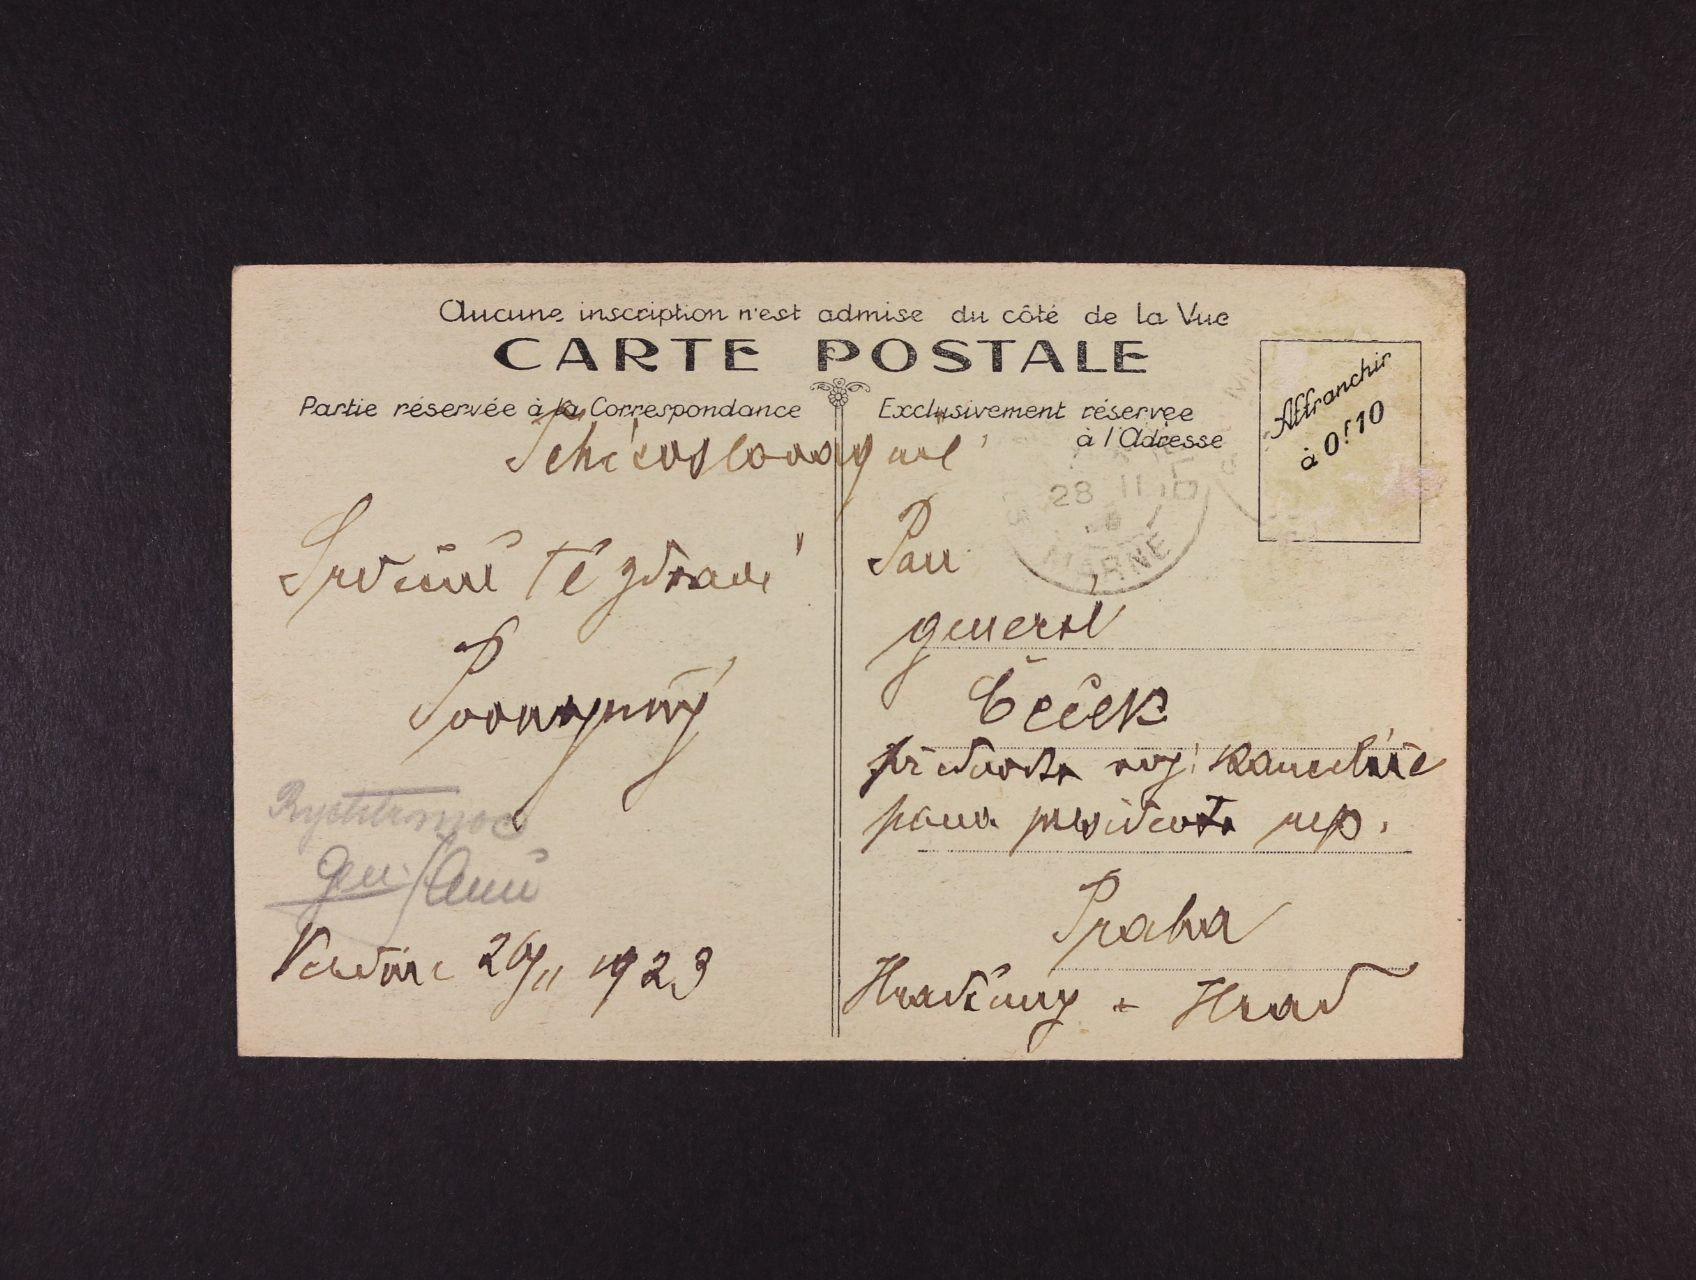 Janů, generál čs. armády - pohlednice zaslaná z Francie na adr. Gen. Čeček, přednosta voj. kanceláře prezidenta republiky Praha s podpisem Gen. Janů 26.2.1928